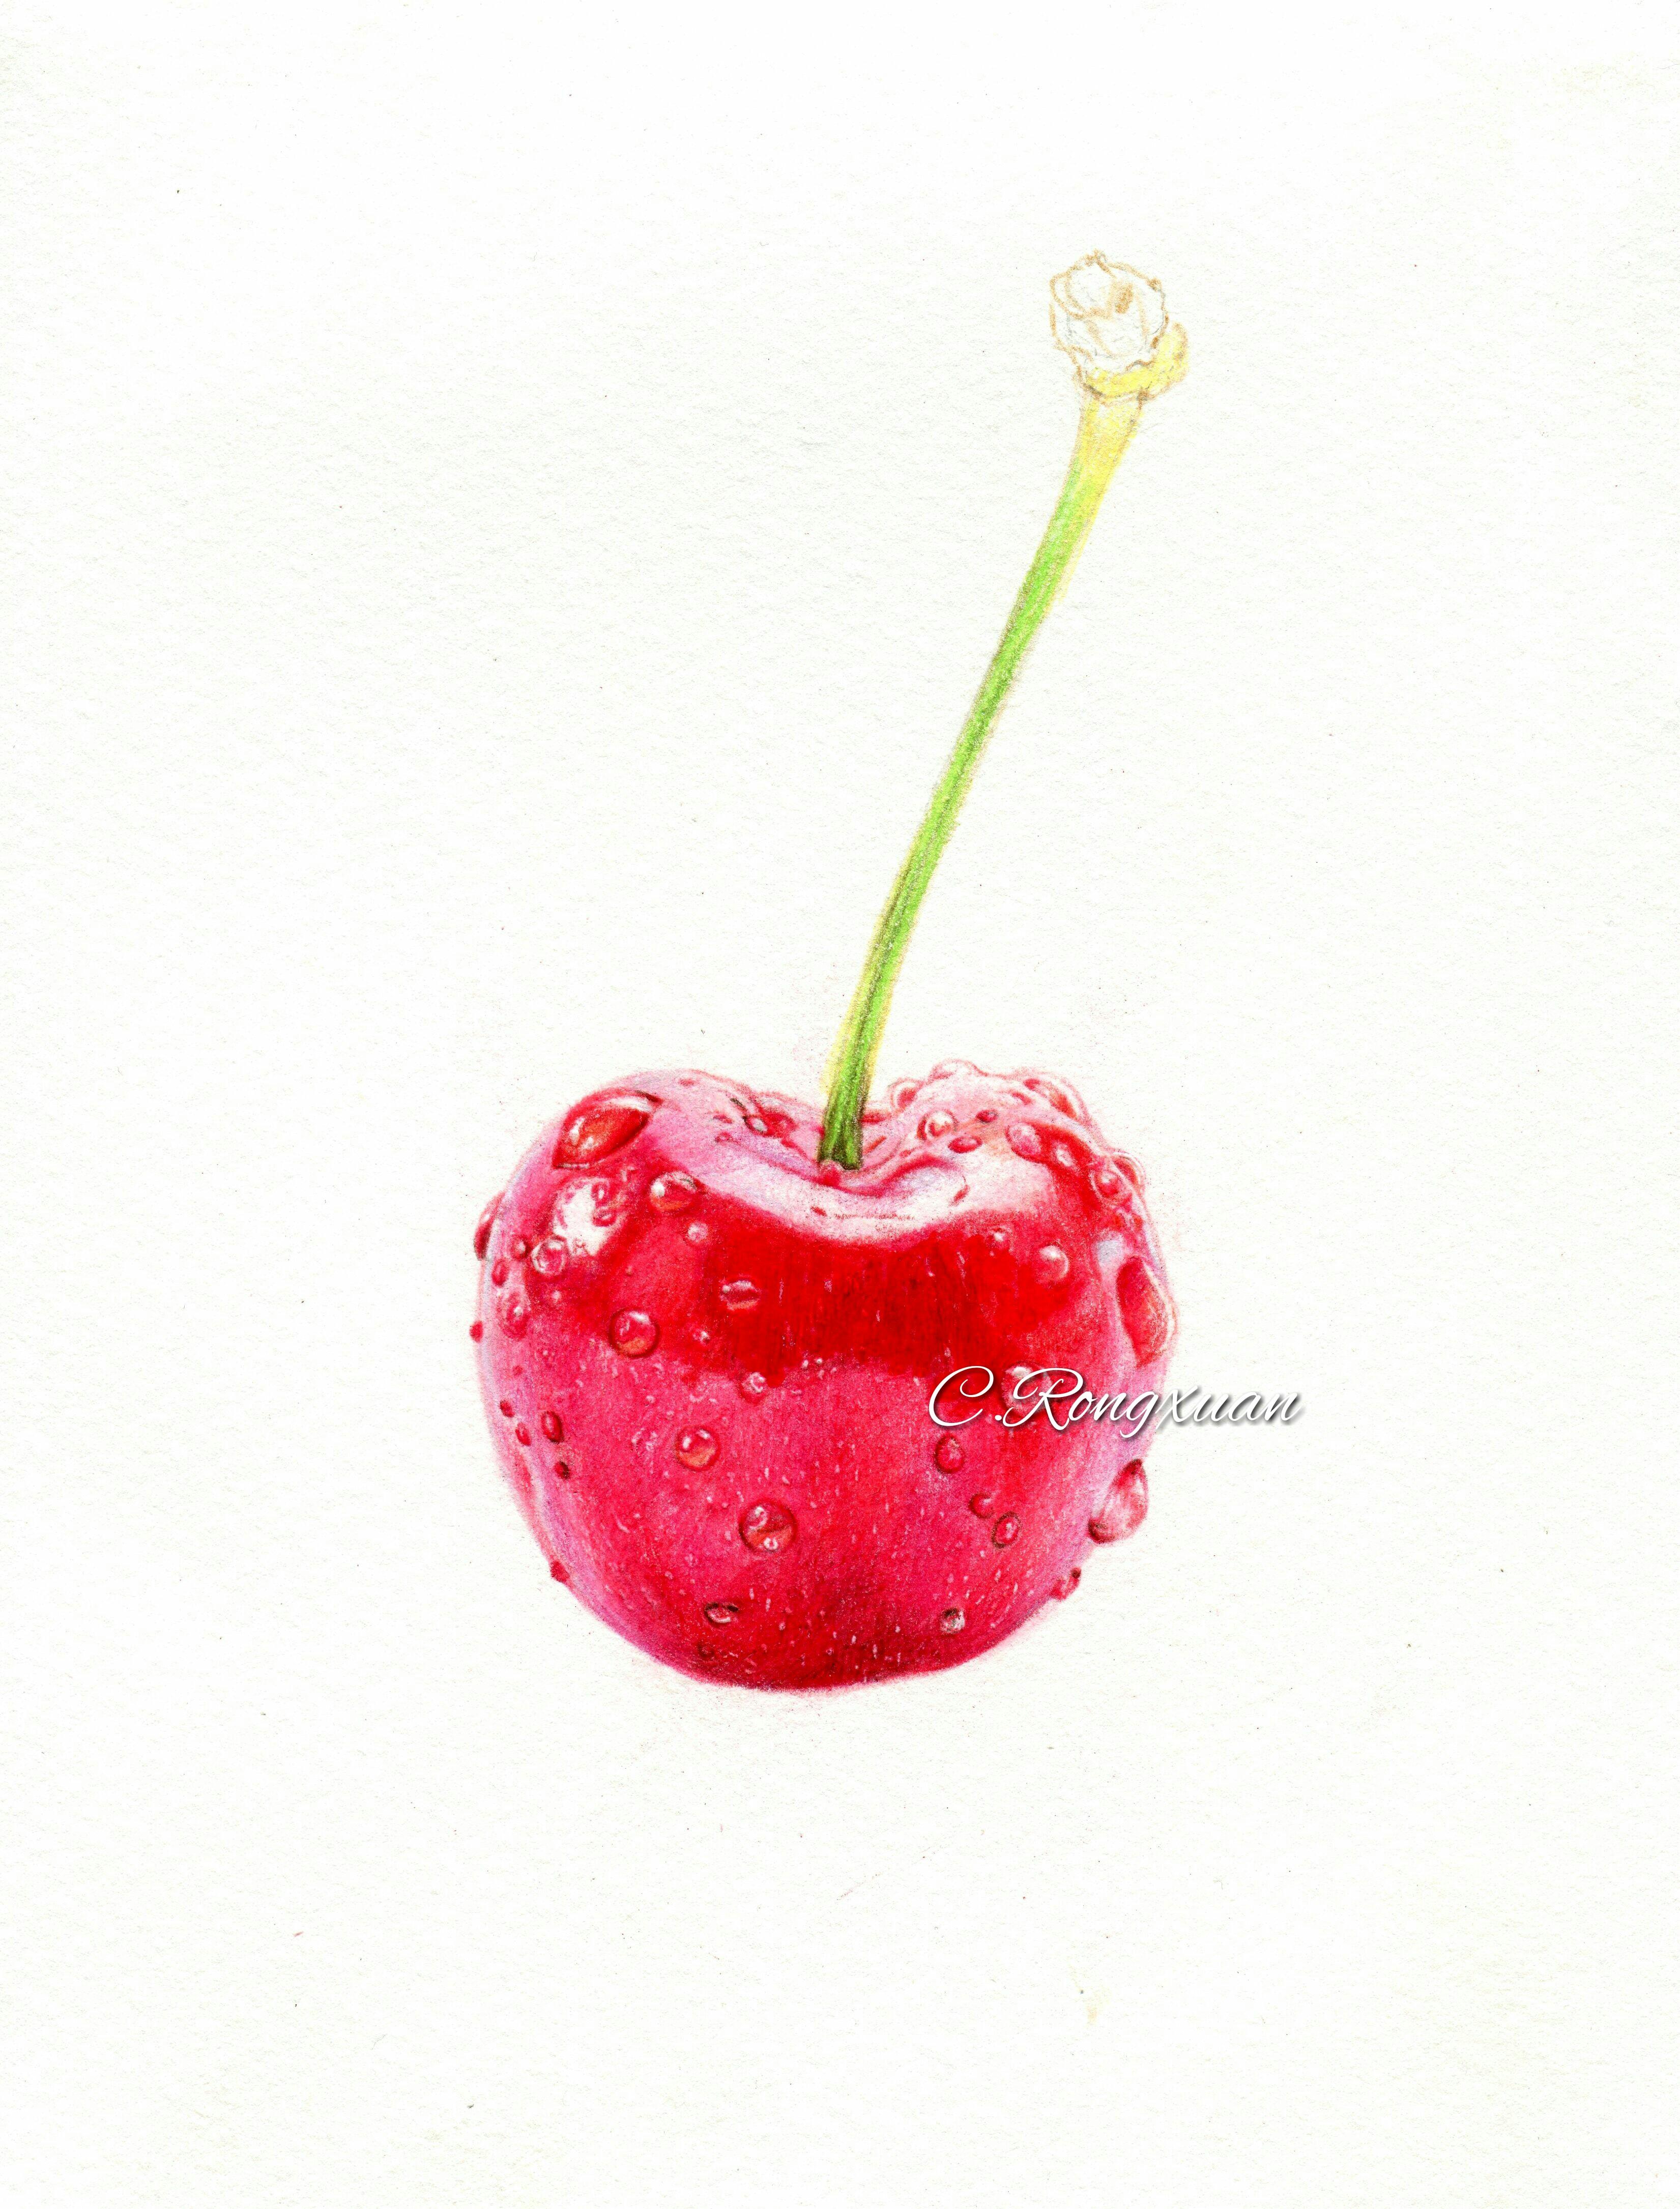 【溶萱手绘――彩铅美食】红樱桃